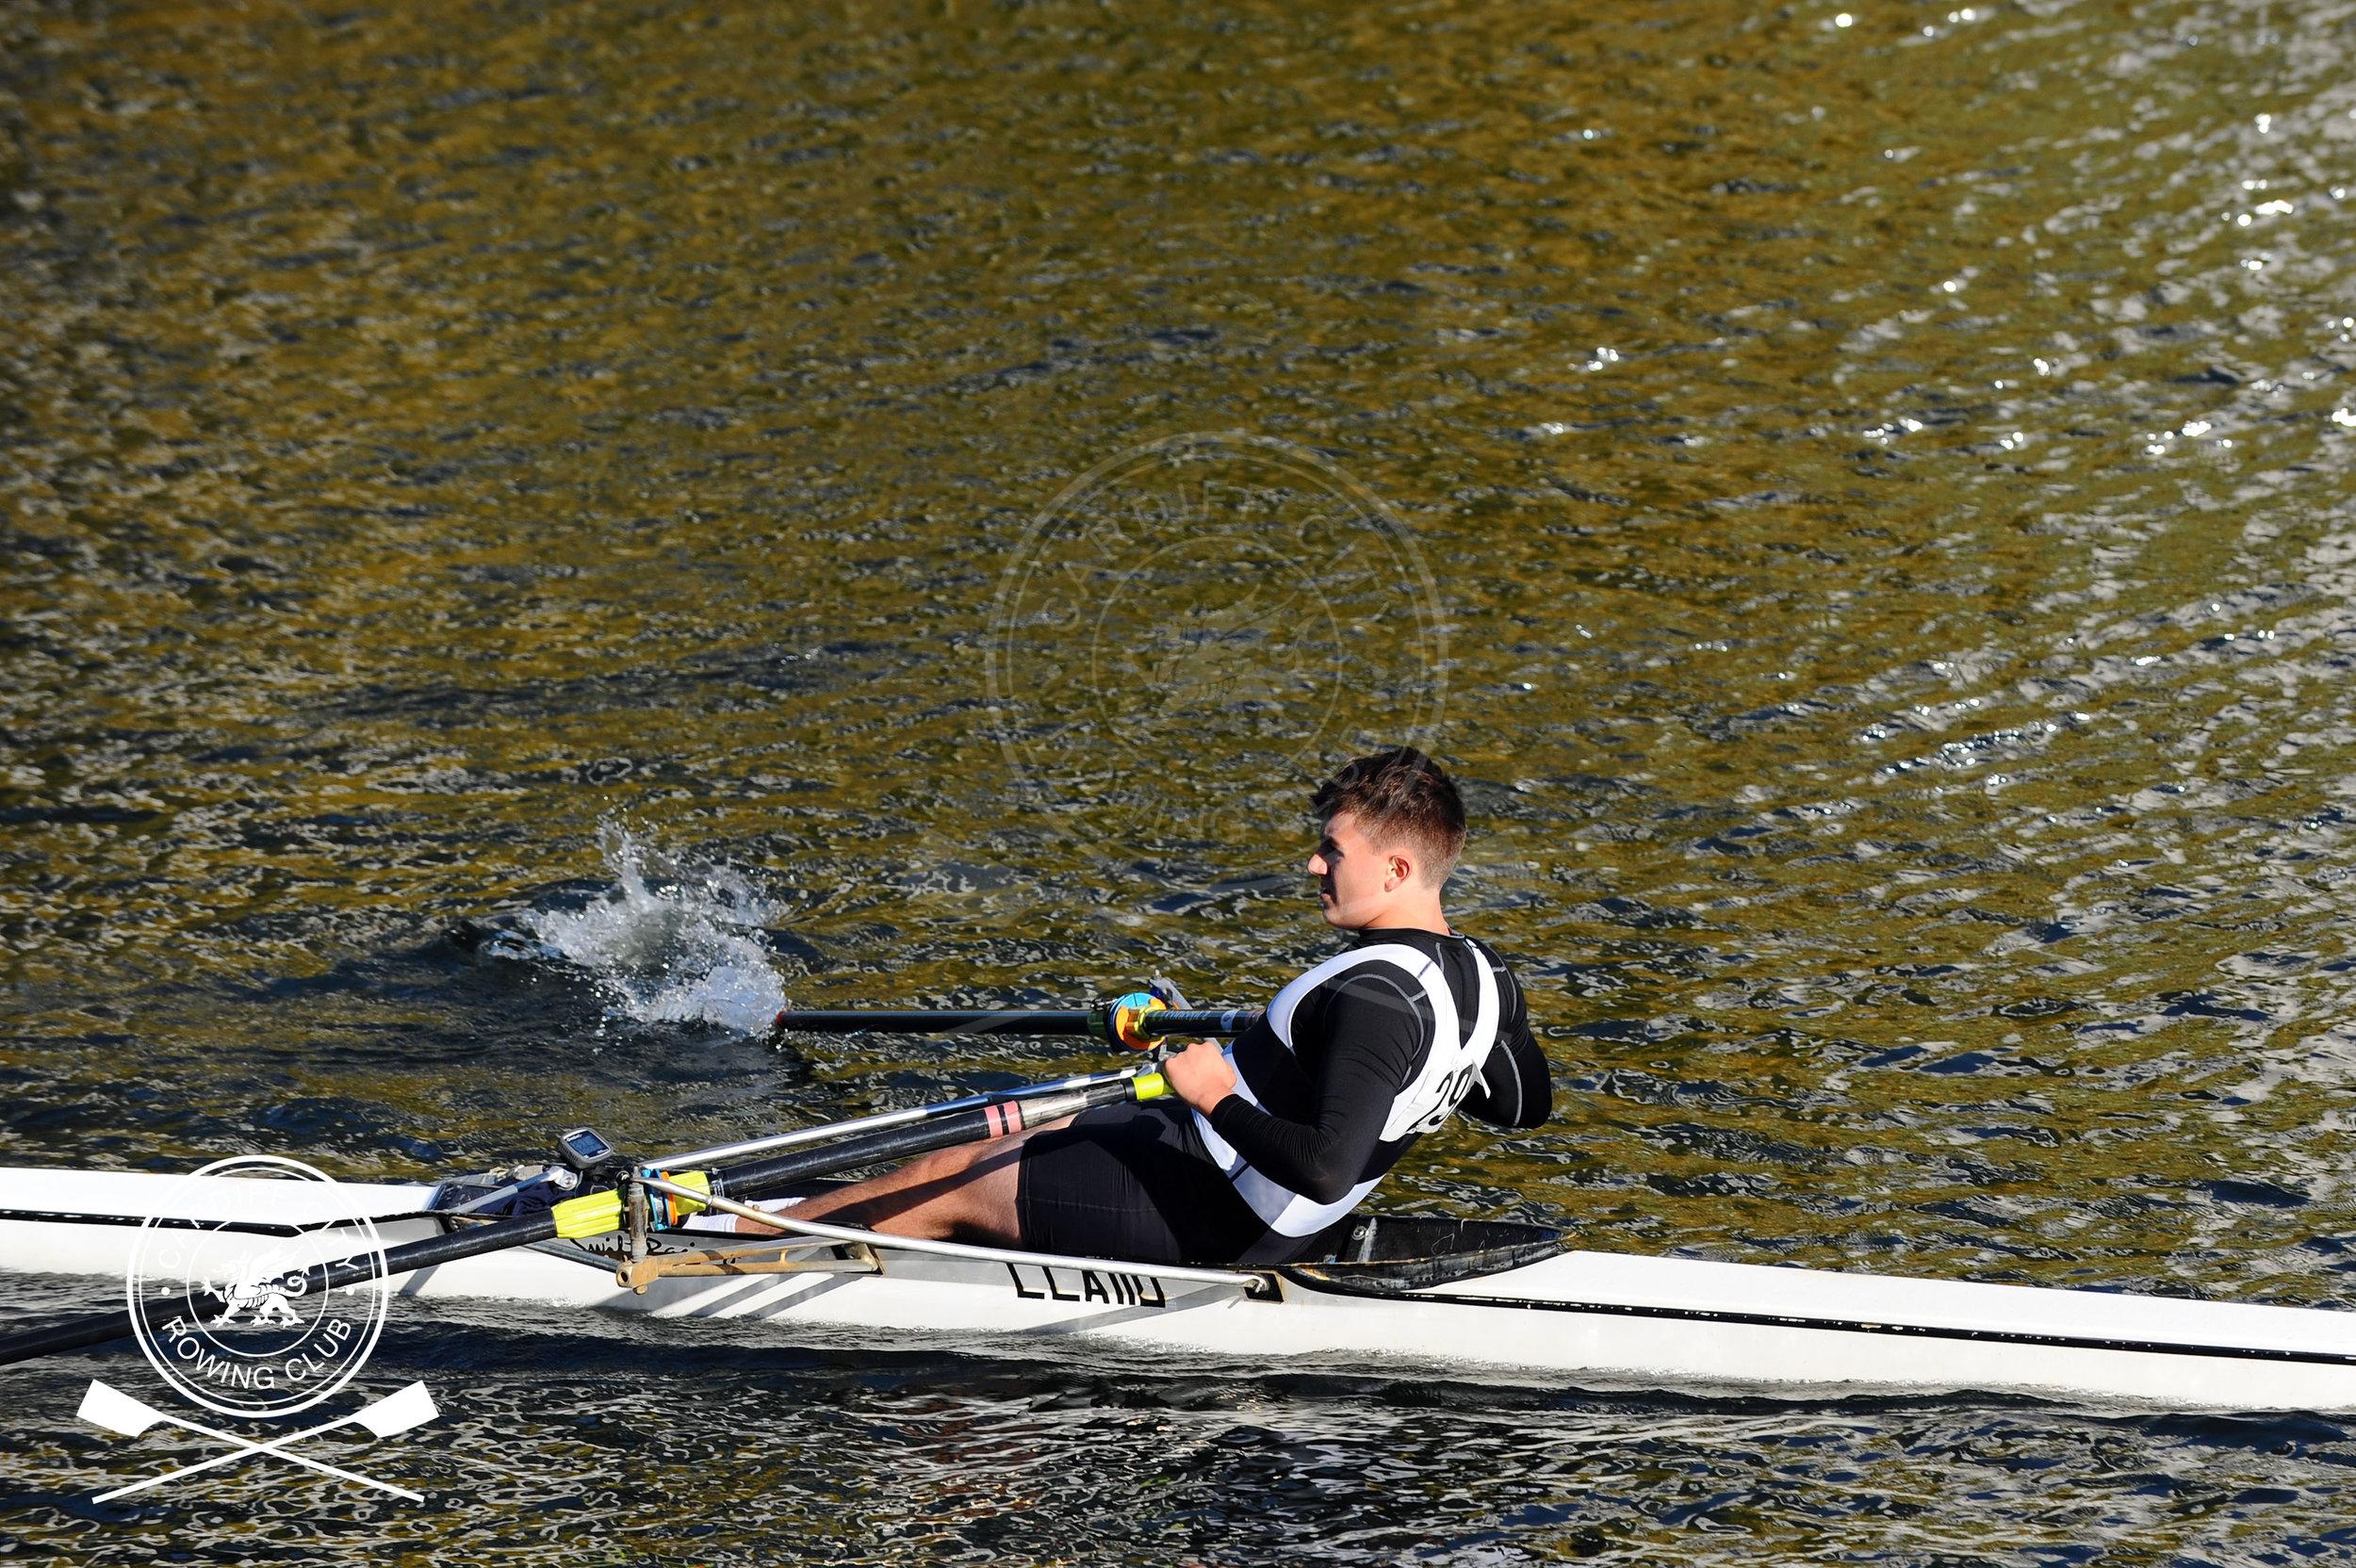 Cardiff_City_Head_Race_64.jpg